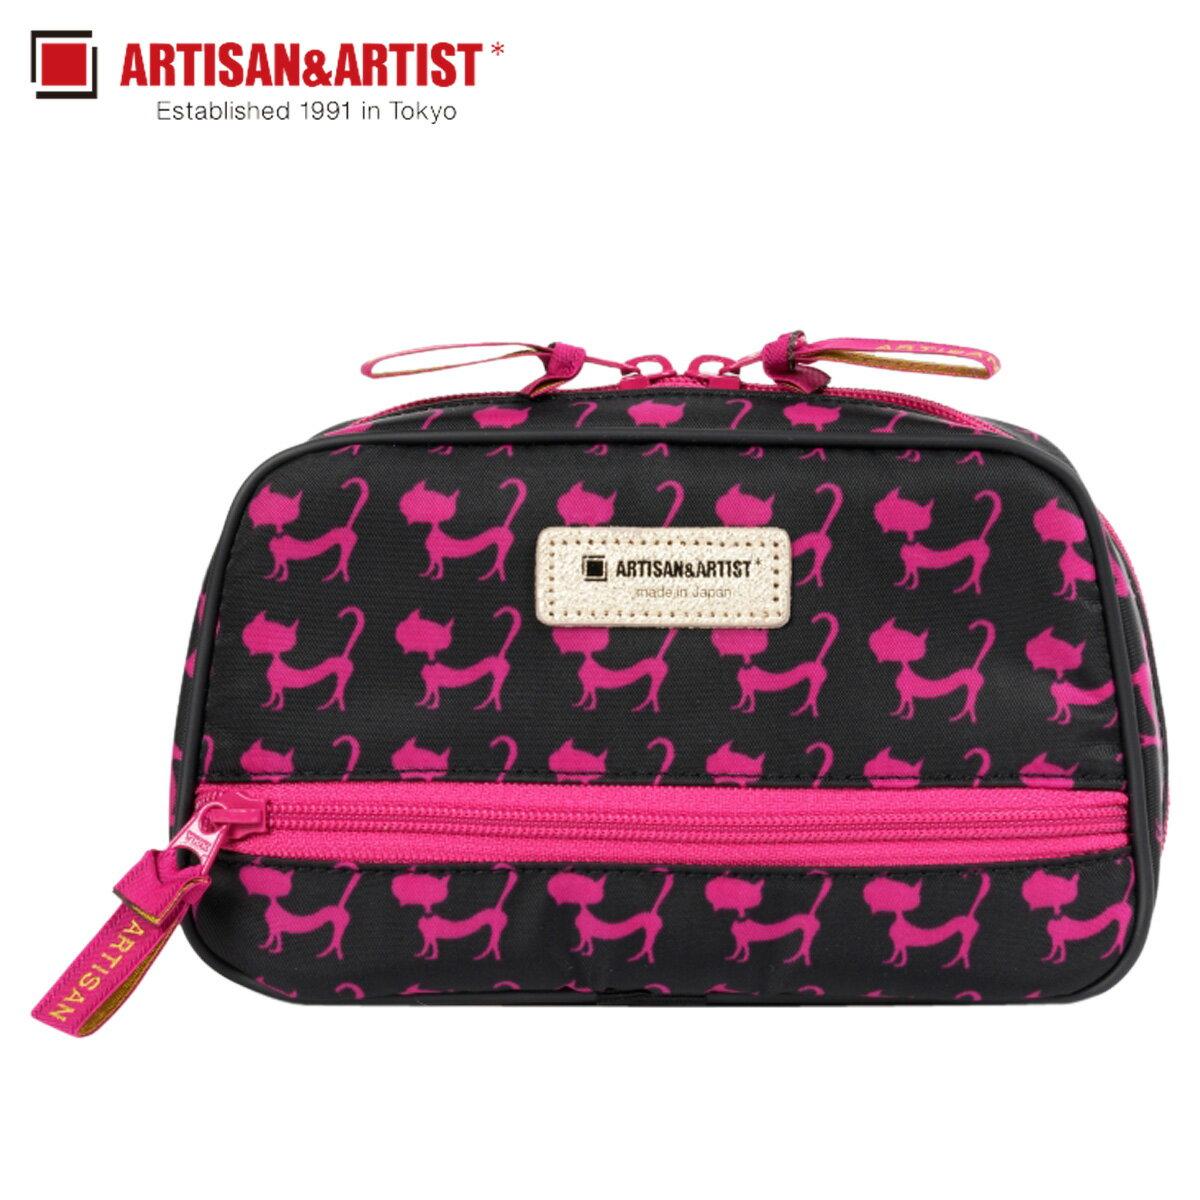 レディースバッグ, 化粧ポーチ 1000OFF ARTISANARTIST SUB POUCH WITH SMART TISSUE CASE 1WP-GLT117